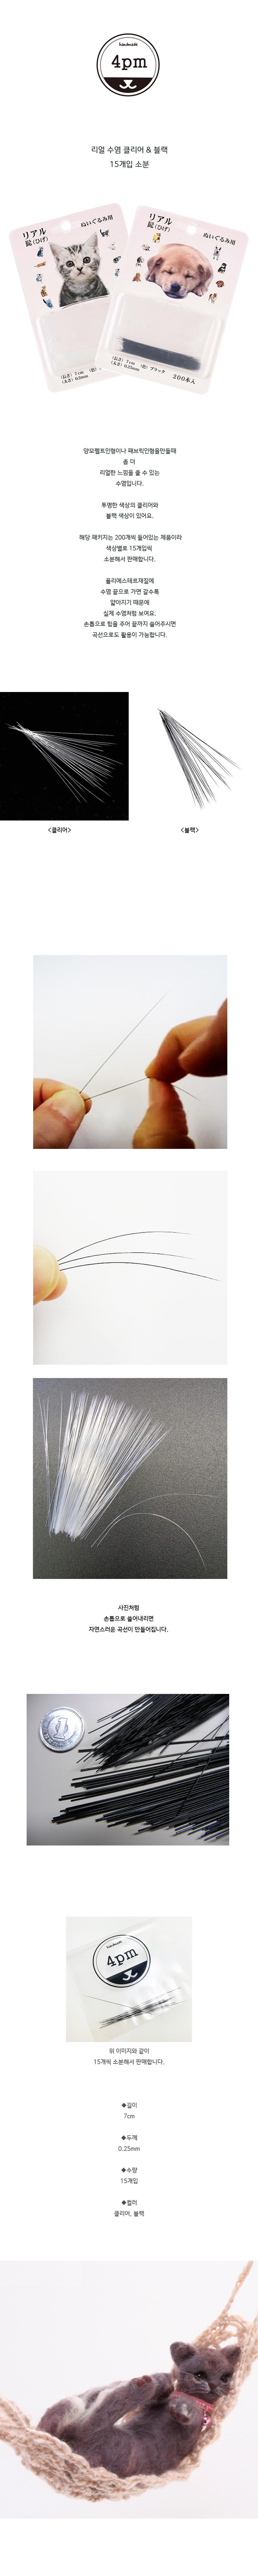 동물인형부자재 수염 15개입 클리어 블랙 - 오후4시, 2,000원, 펠트공예, 장식/단추/라벨